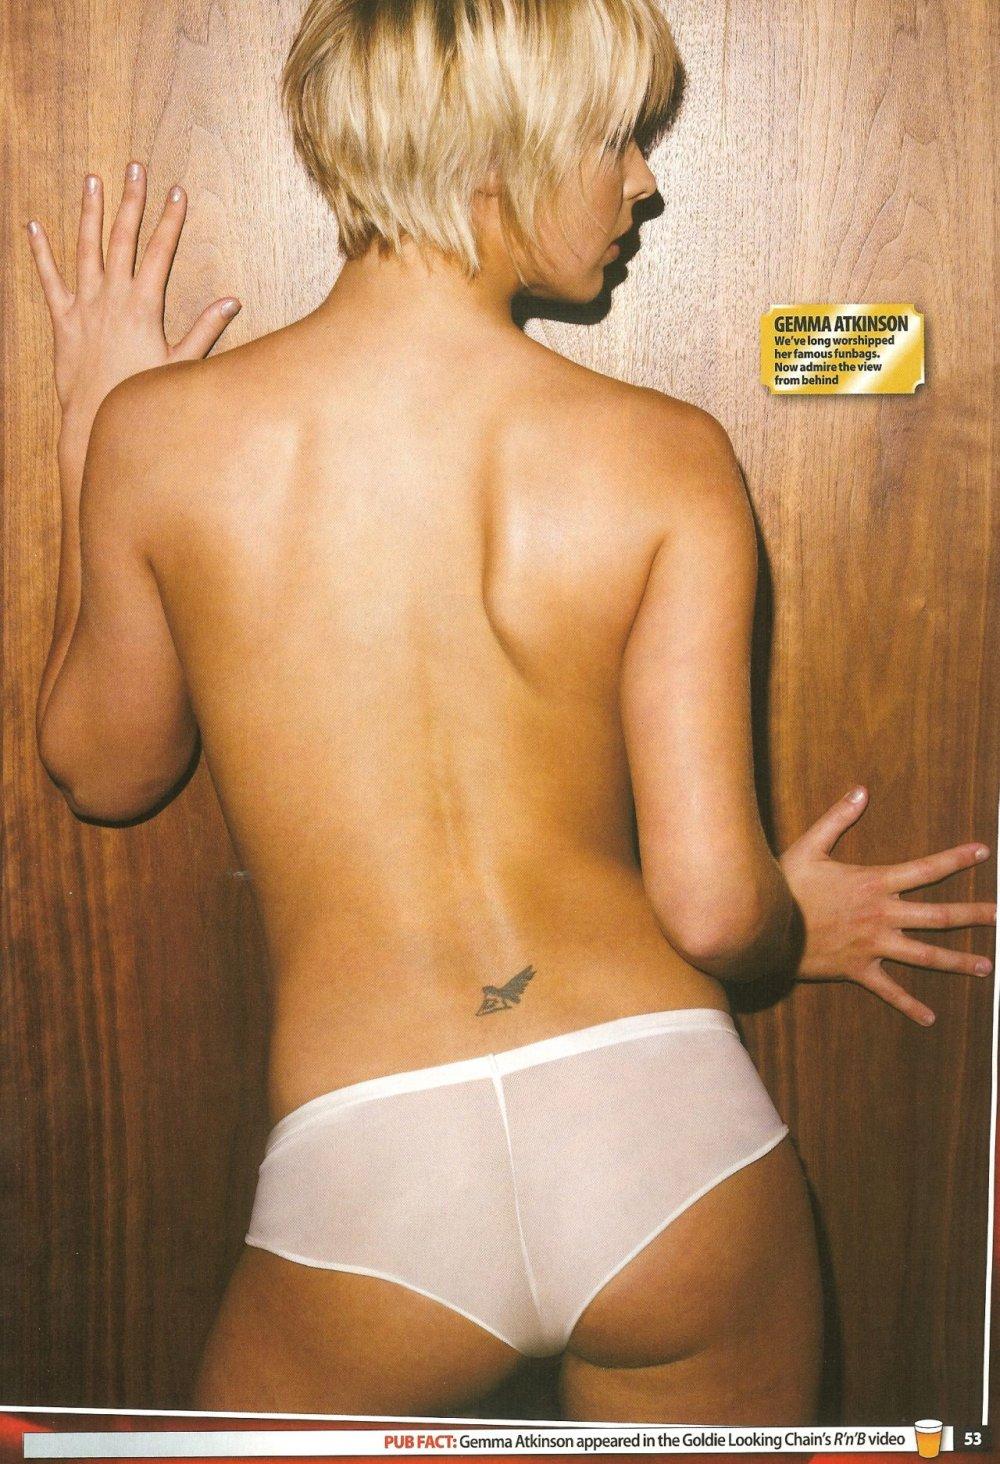 moy-samiy-seksualniy-god-2007